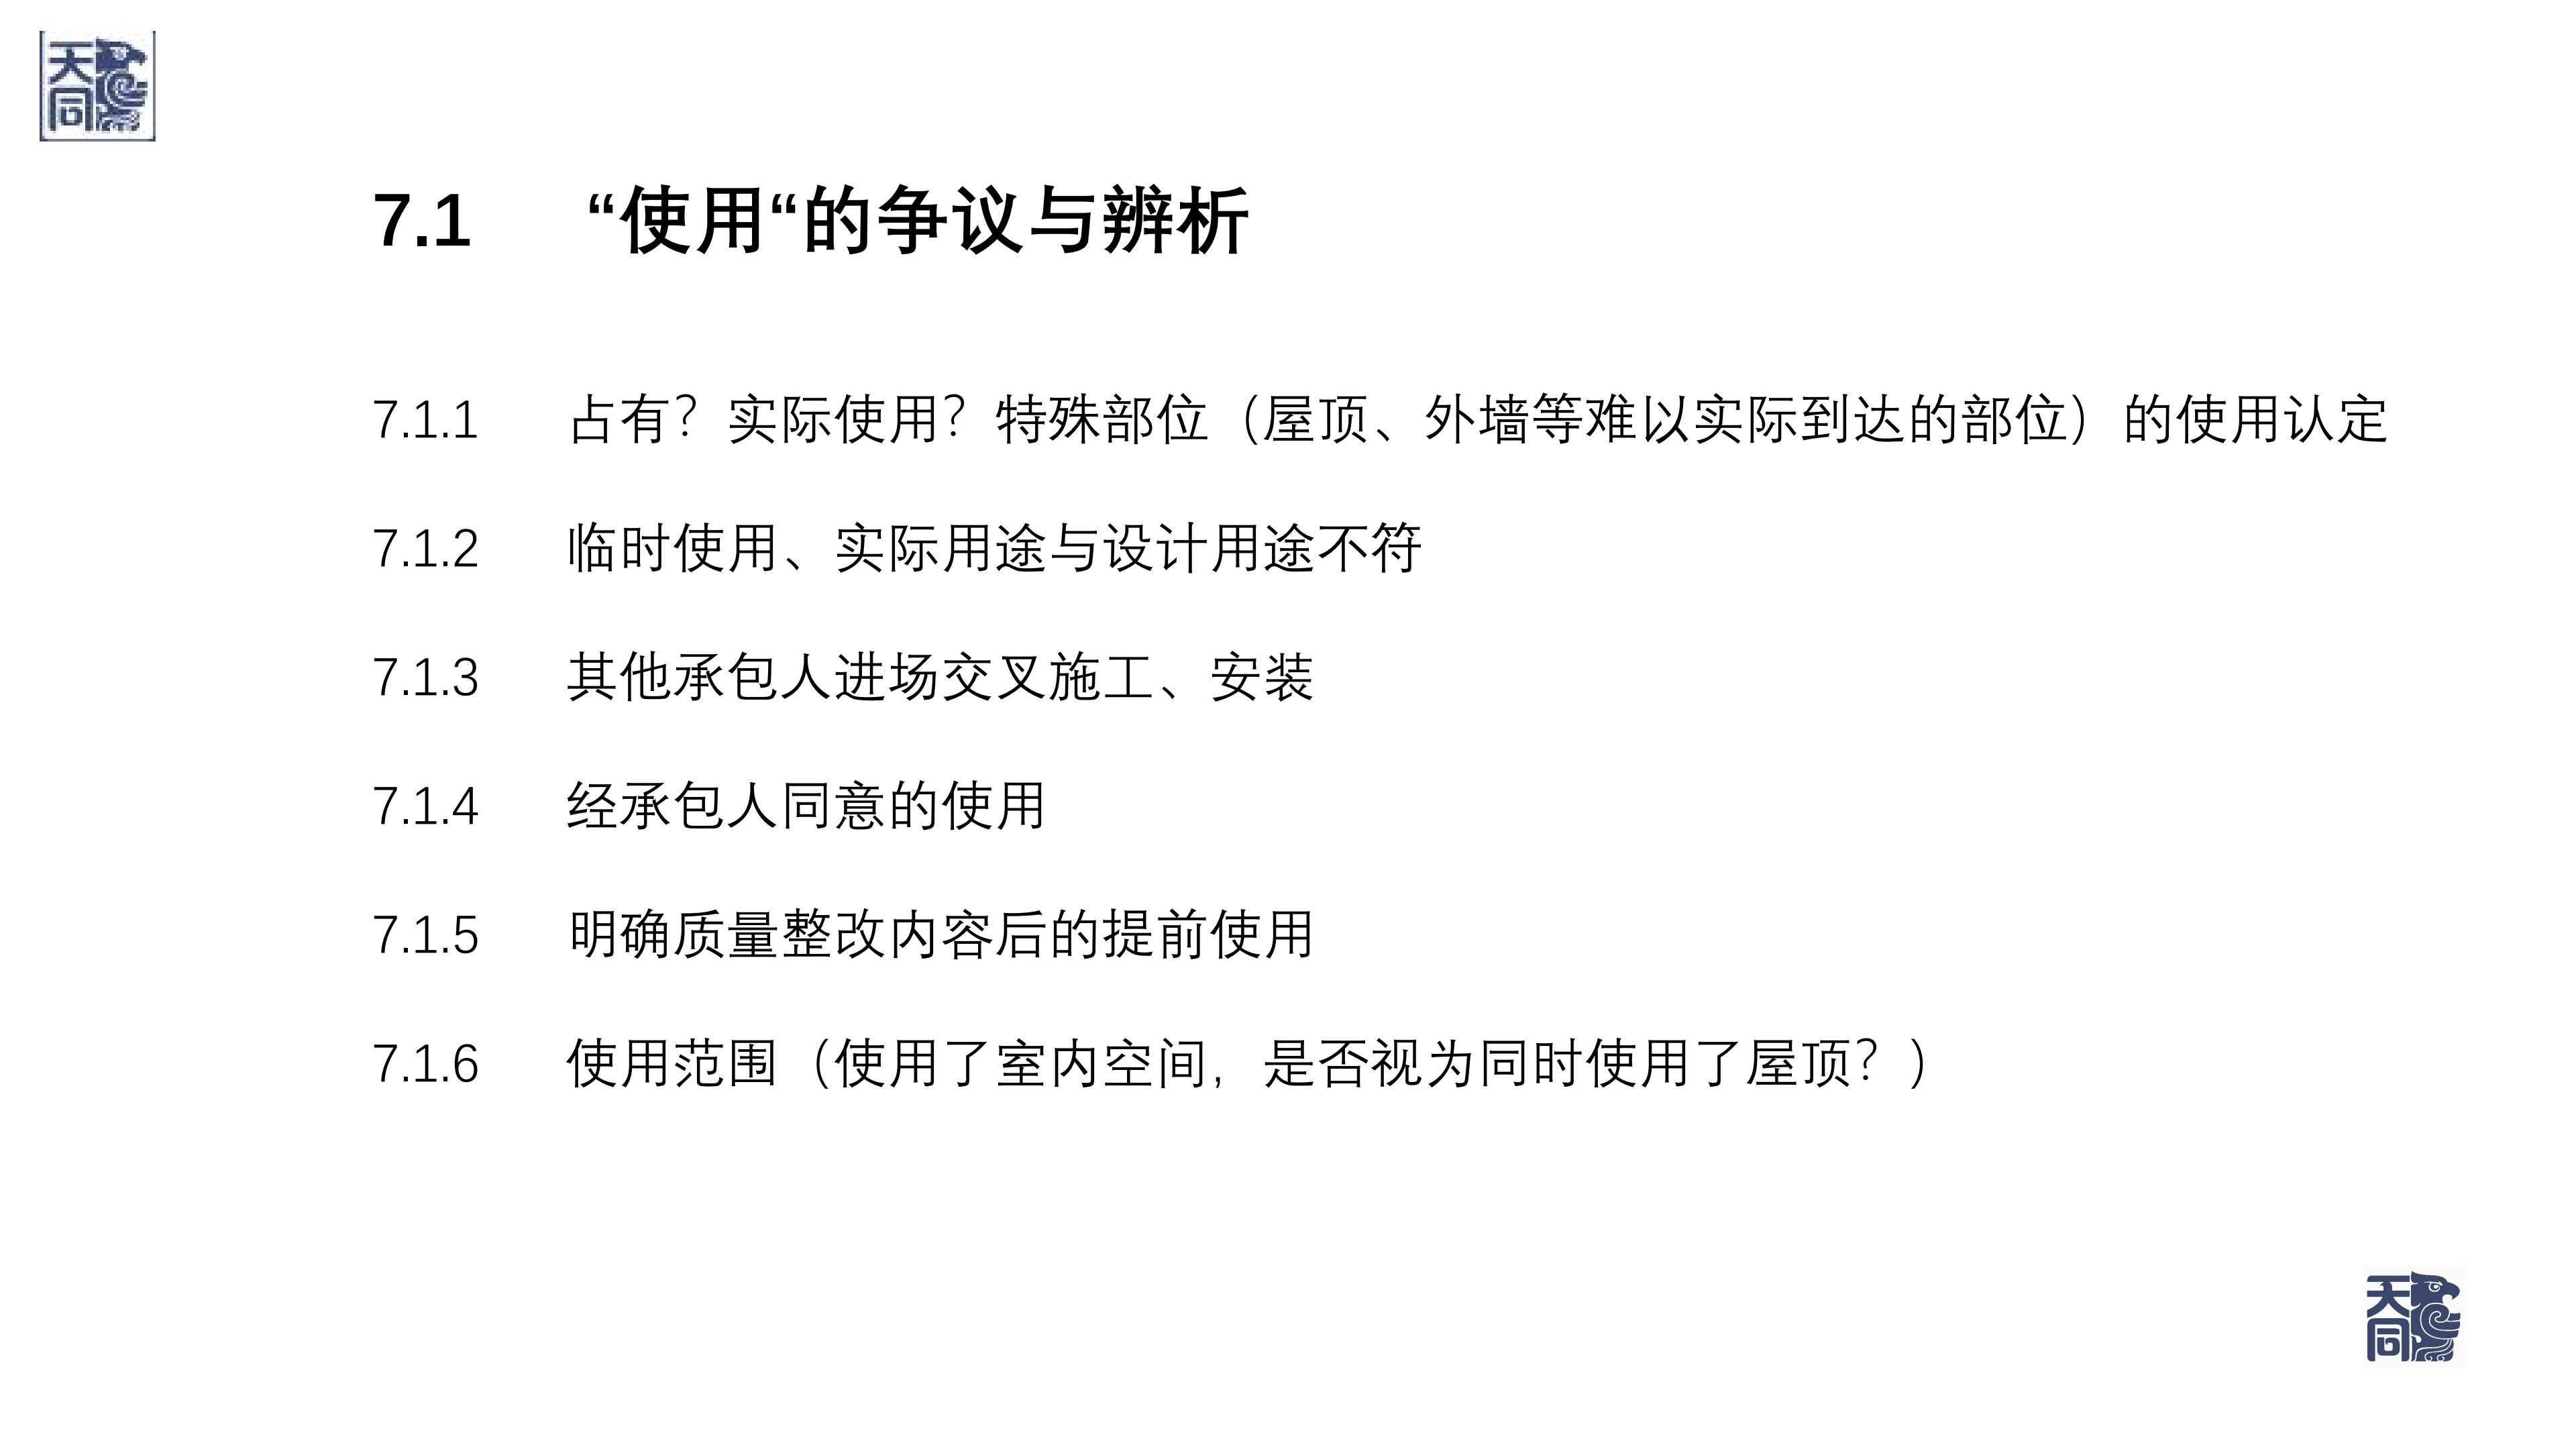 师说法苑 曹文衔 建设工程纠纷案件处理的若干疑难痛点问题研究(一)_92.jpg